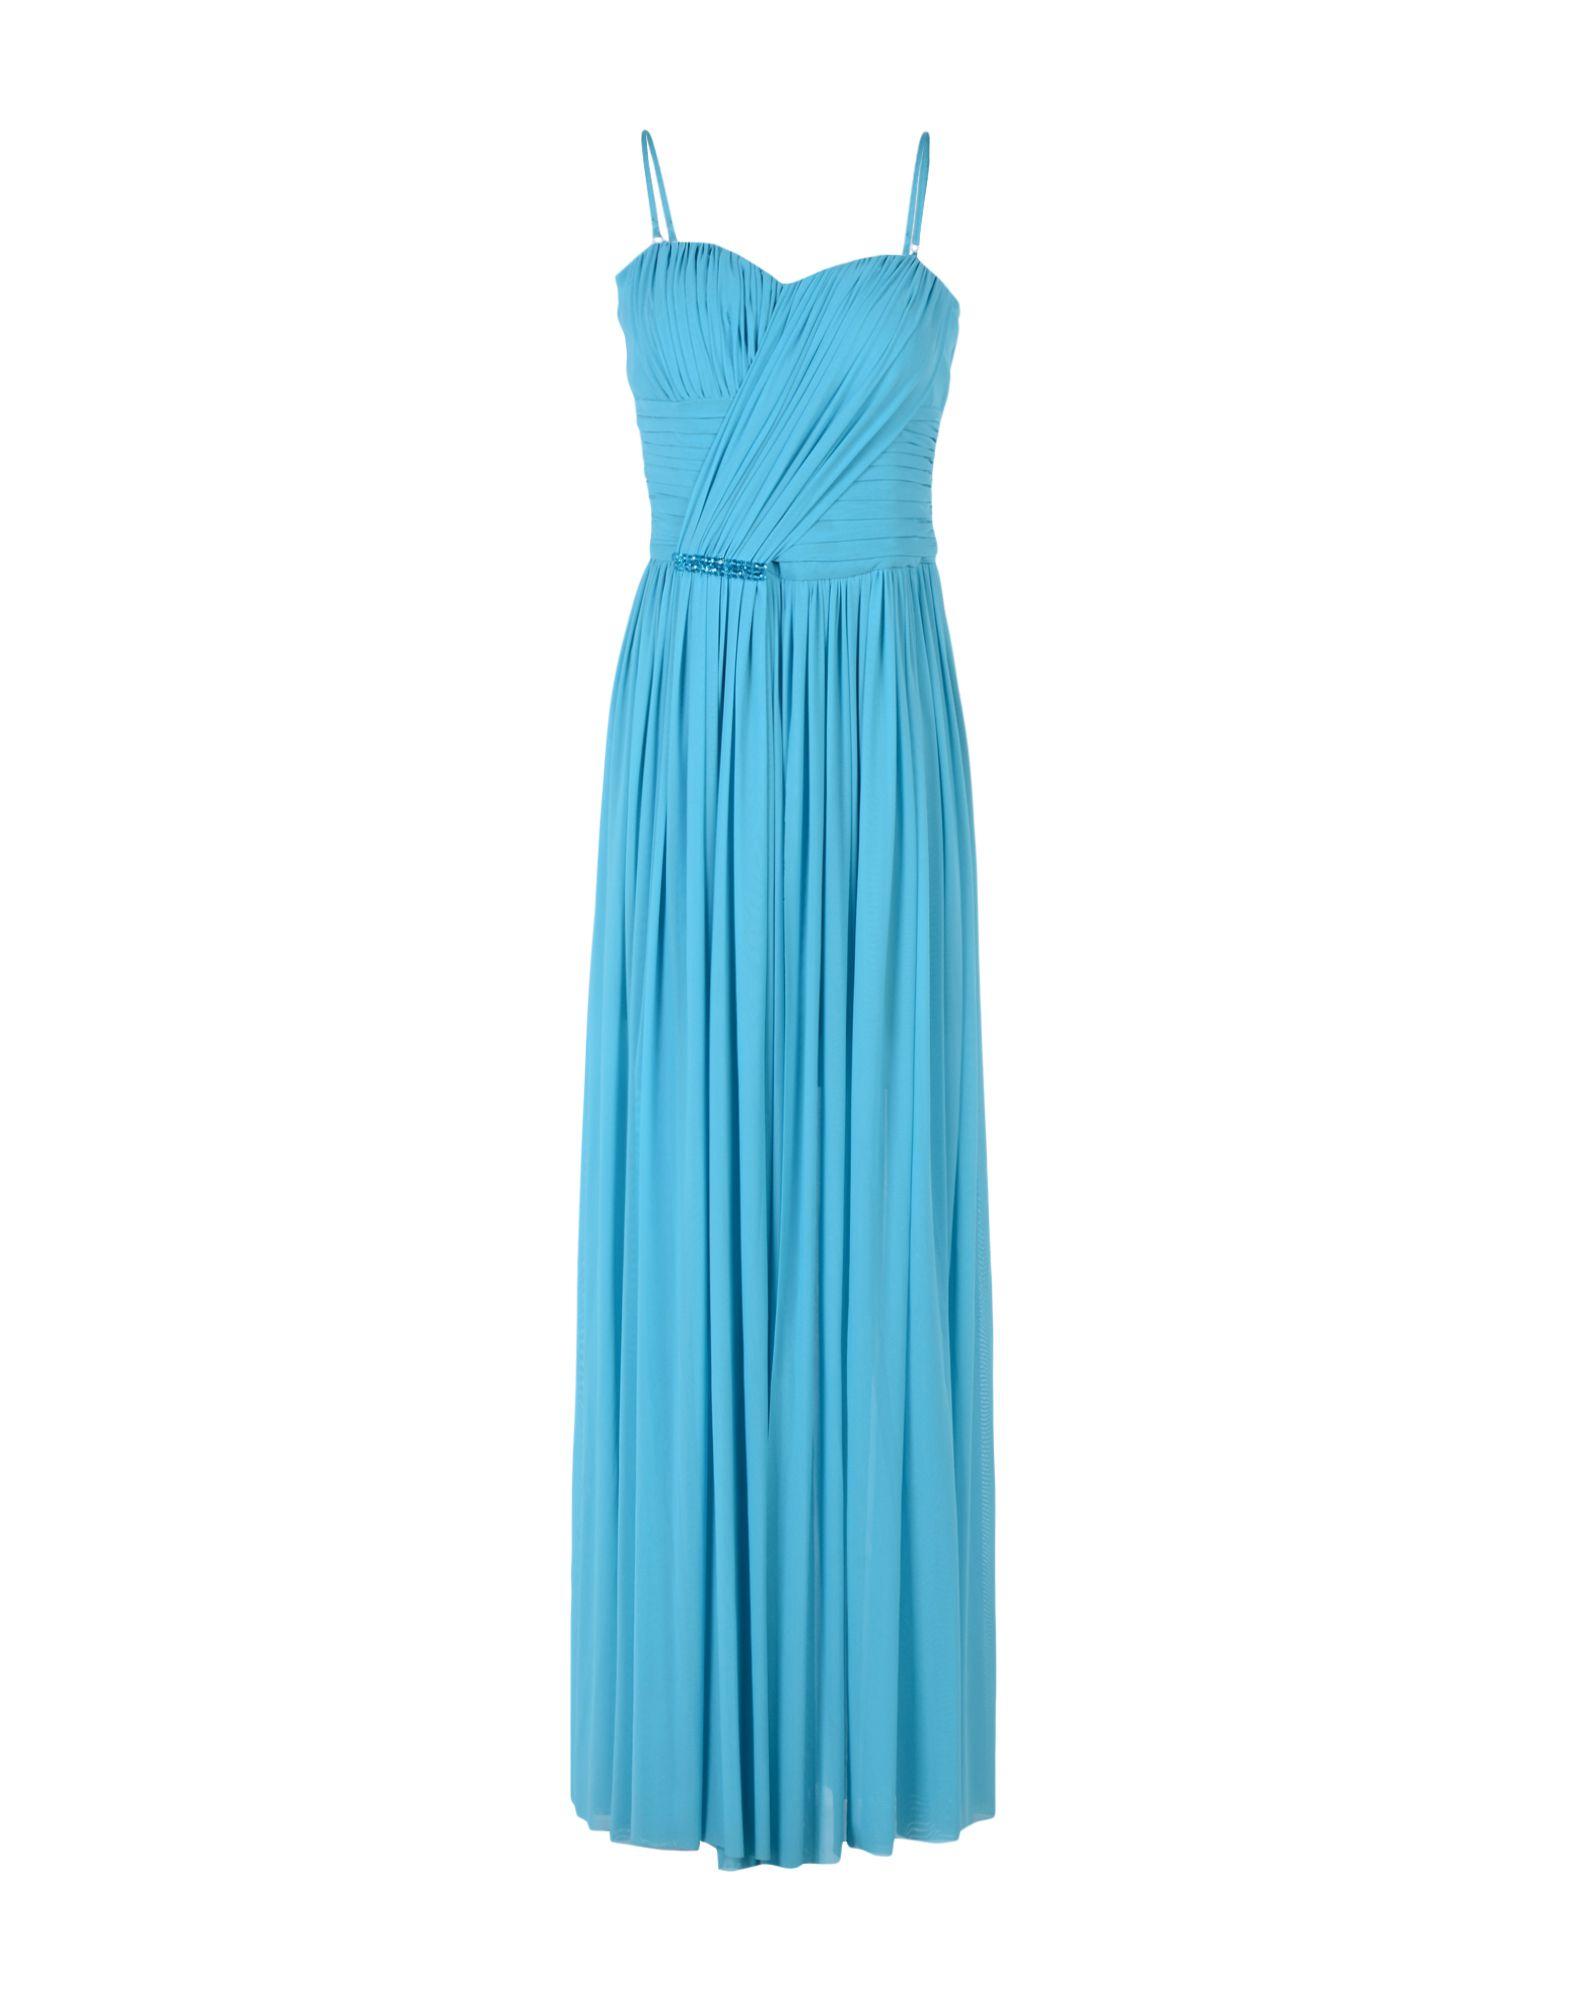 SOANI Длинное платье платье короткое спереди длинное сзади летнее